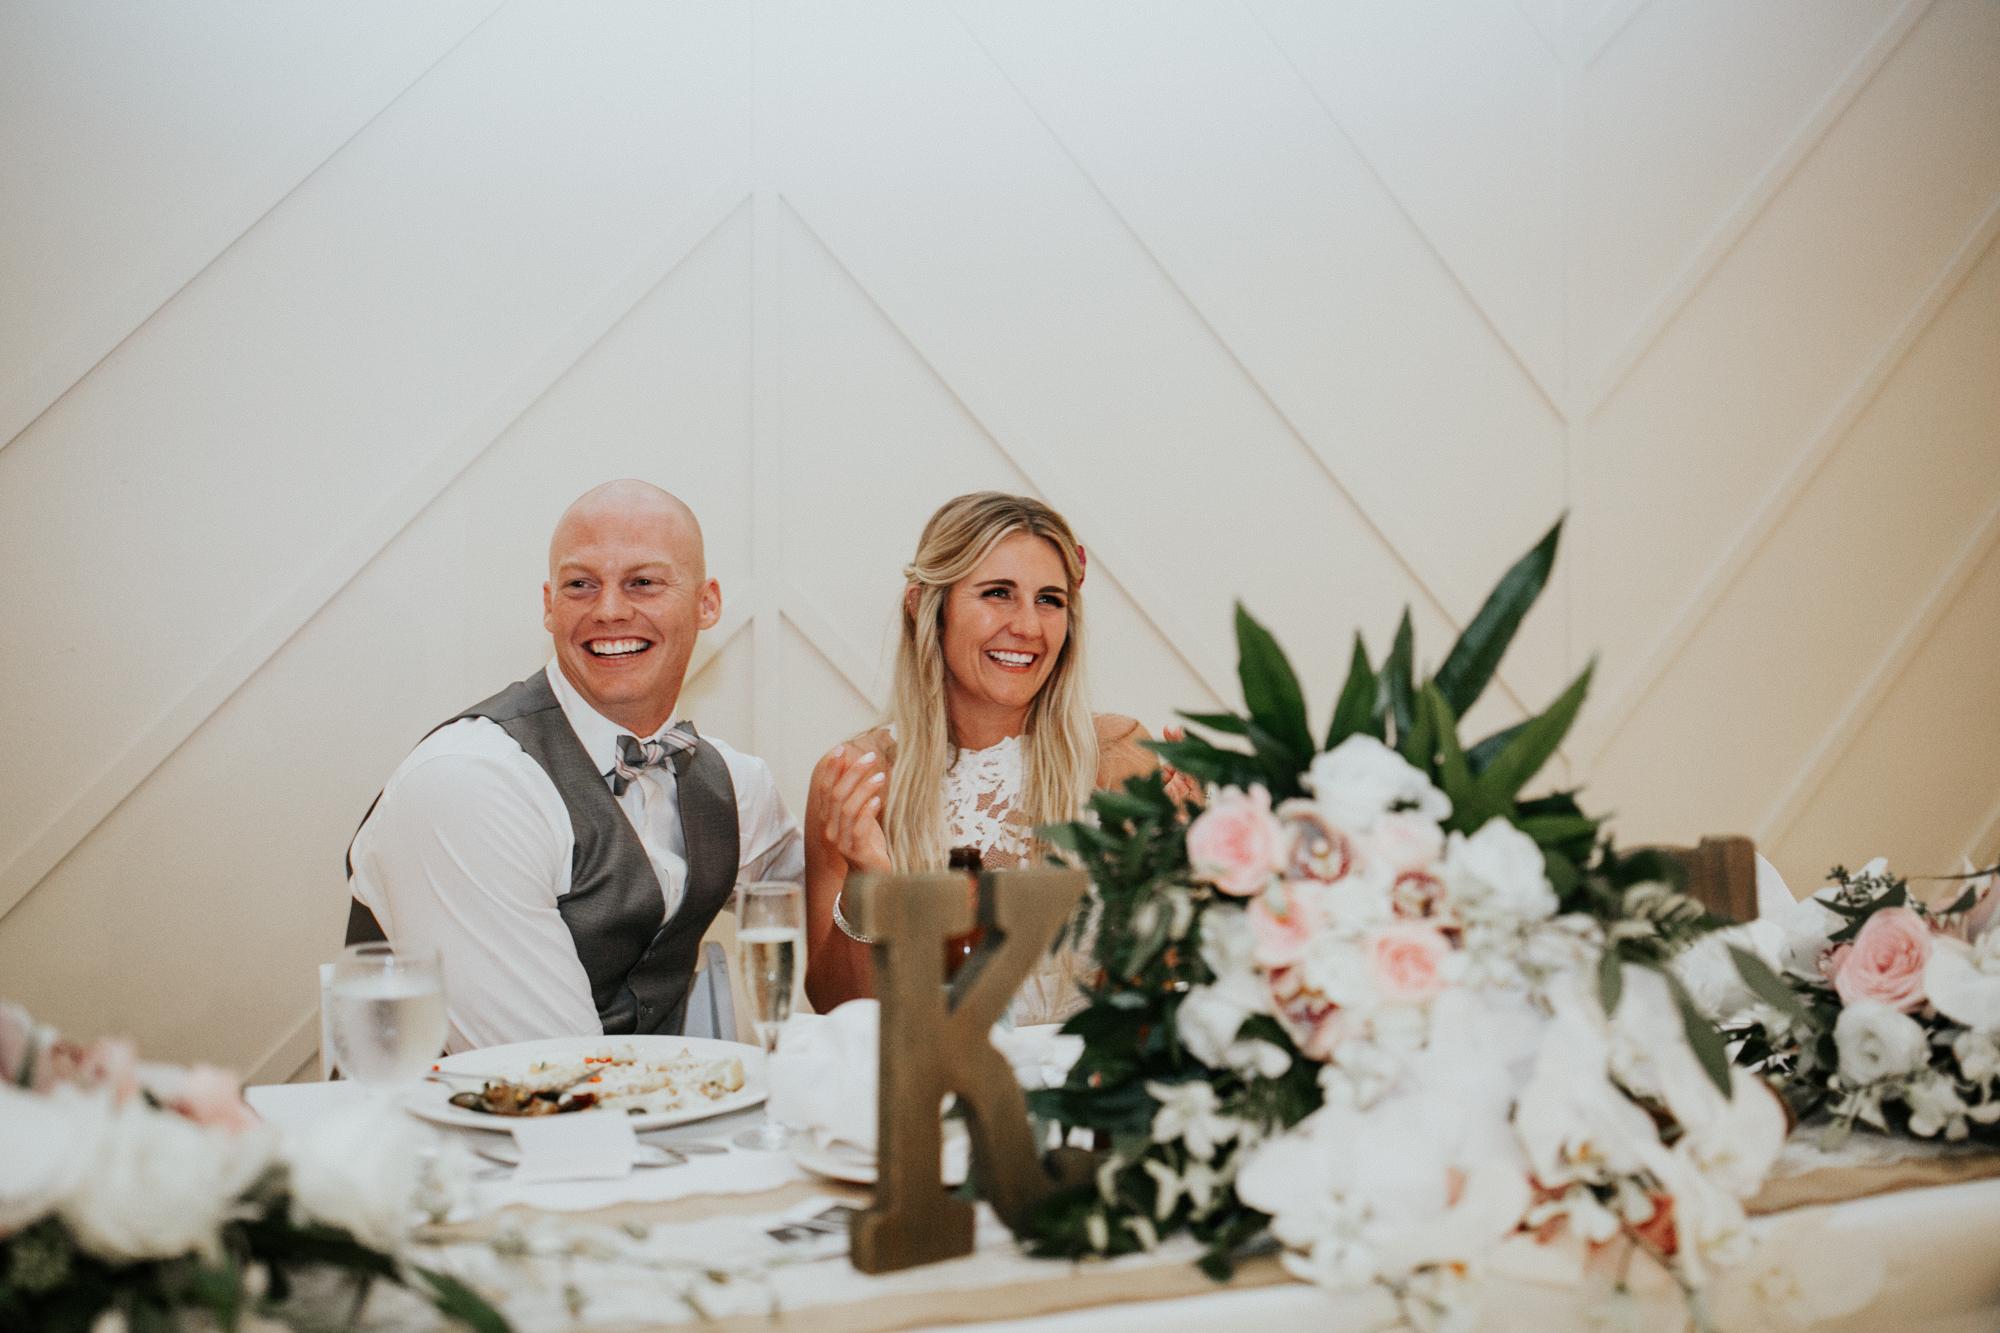 destination-wedding-photographer-hawaii-maui-elopement-122.jpg